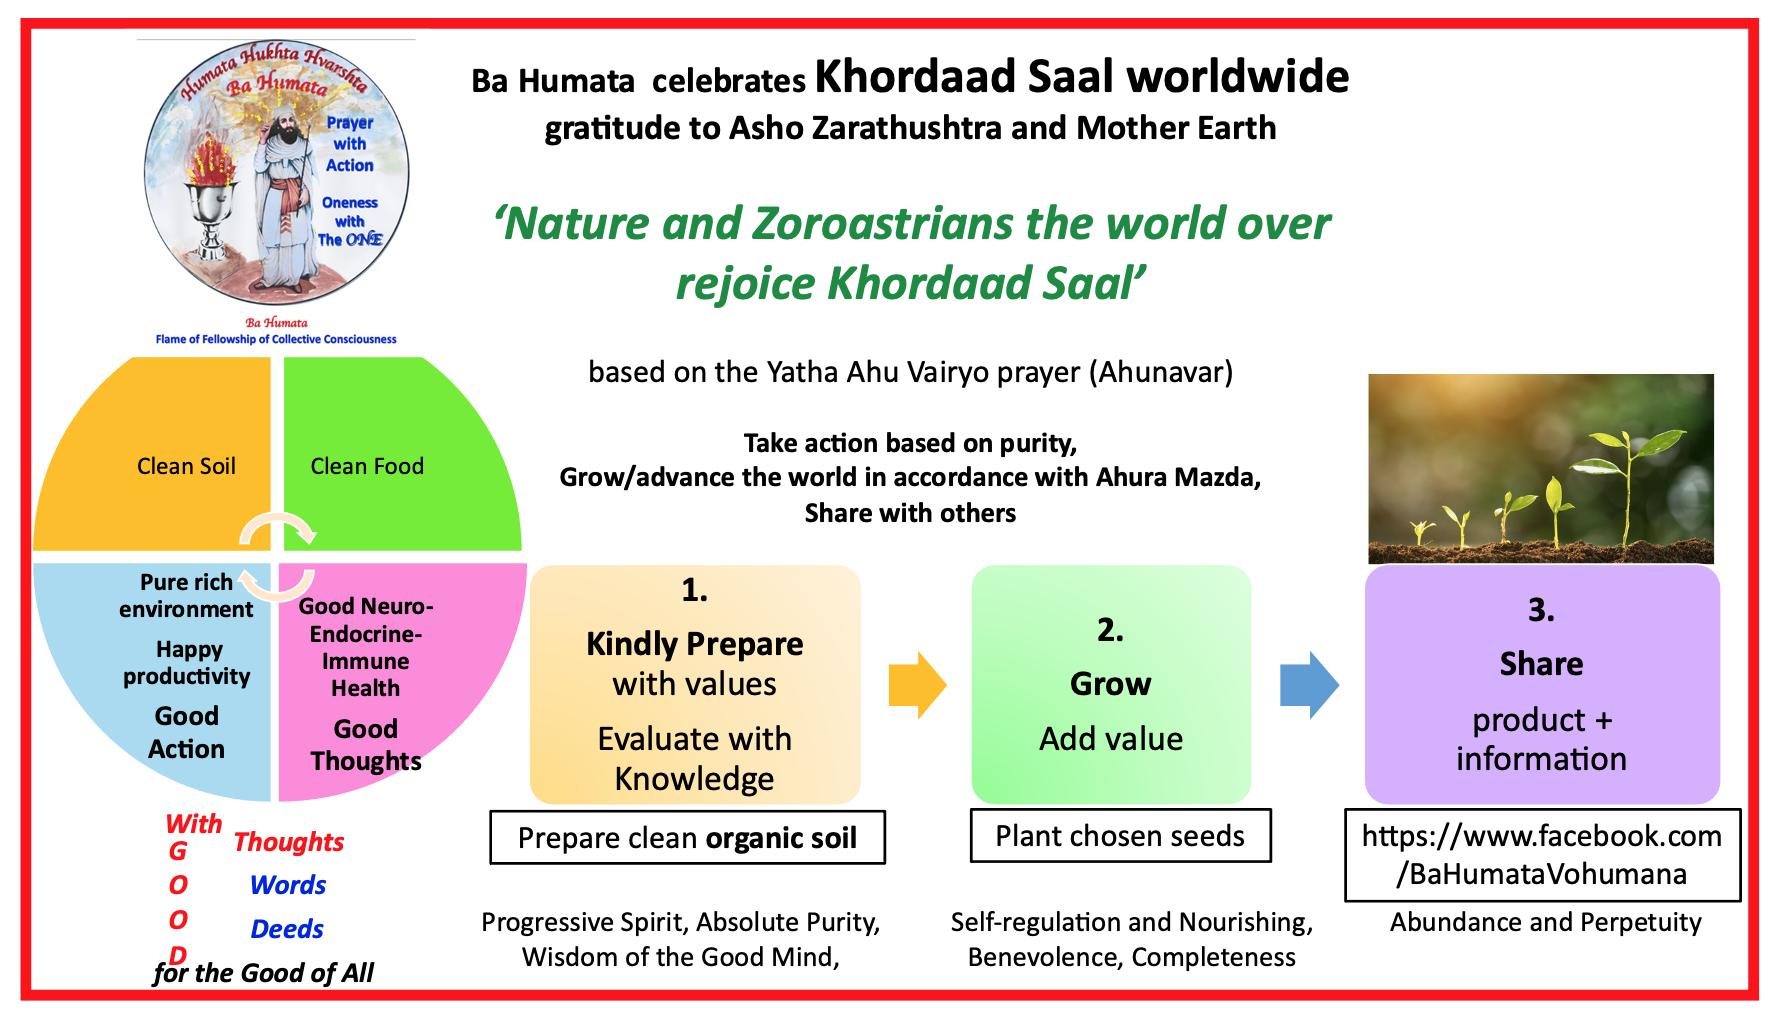 Ba Humata - Khordaad Saal Message